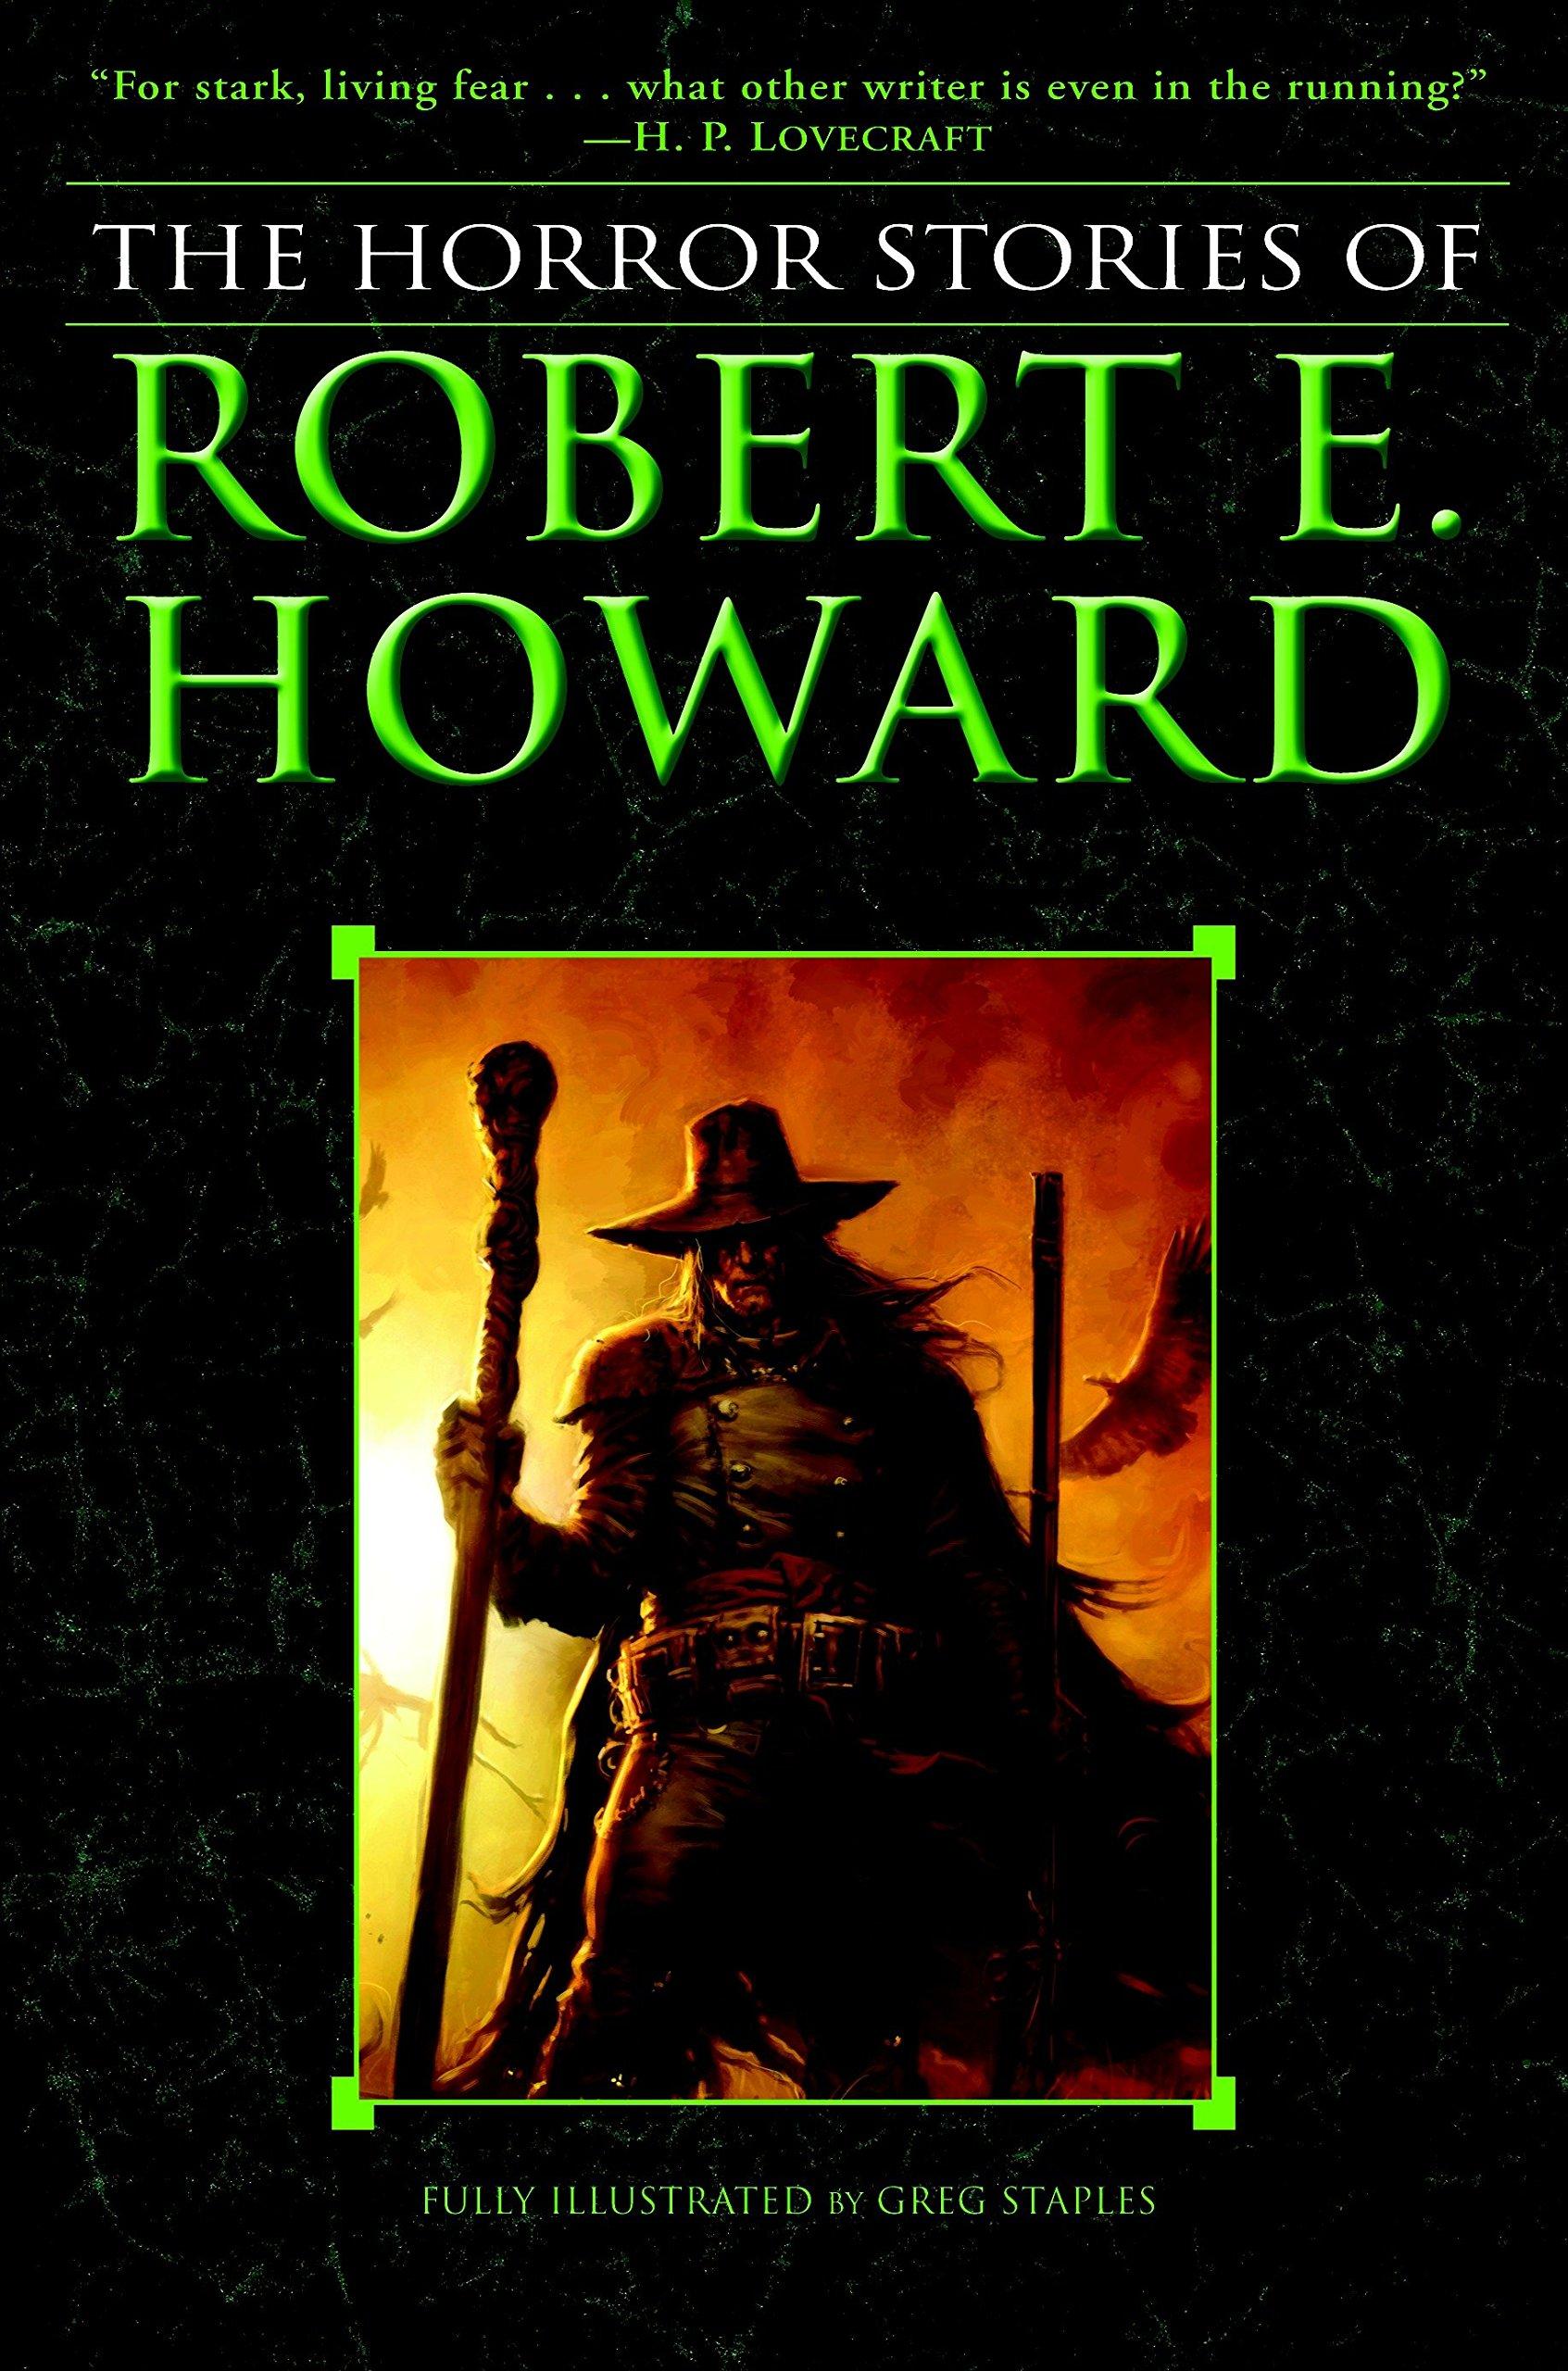 Publication: The Horror Stories of Robert E. Howard